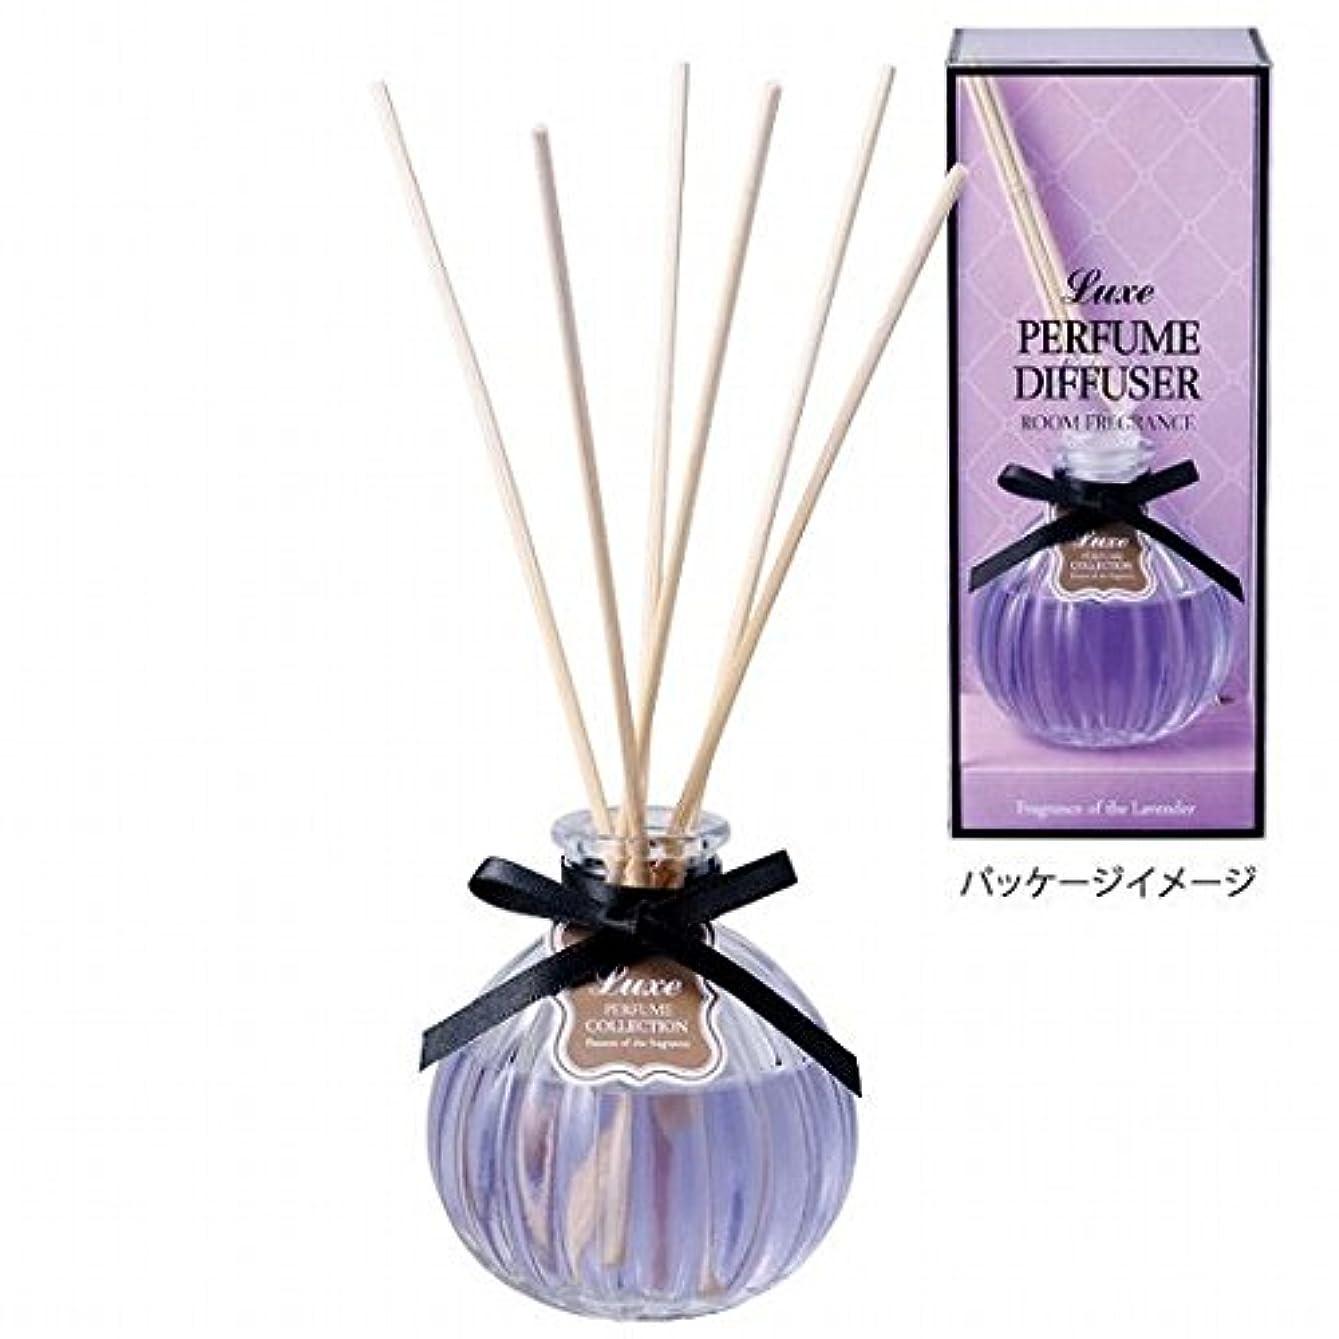 処方開梱ほこりカメヤマキャンドル(kameyama candle) パフュームディフューザー 「 ラベンダー 」